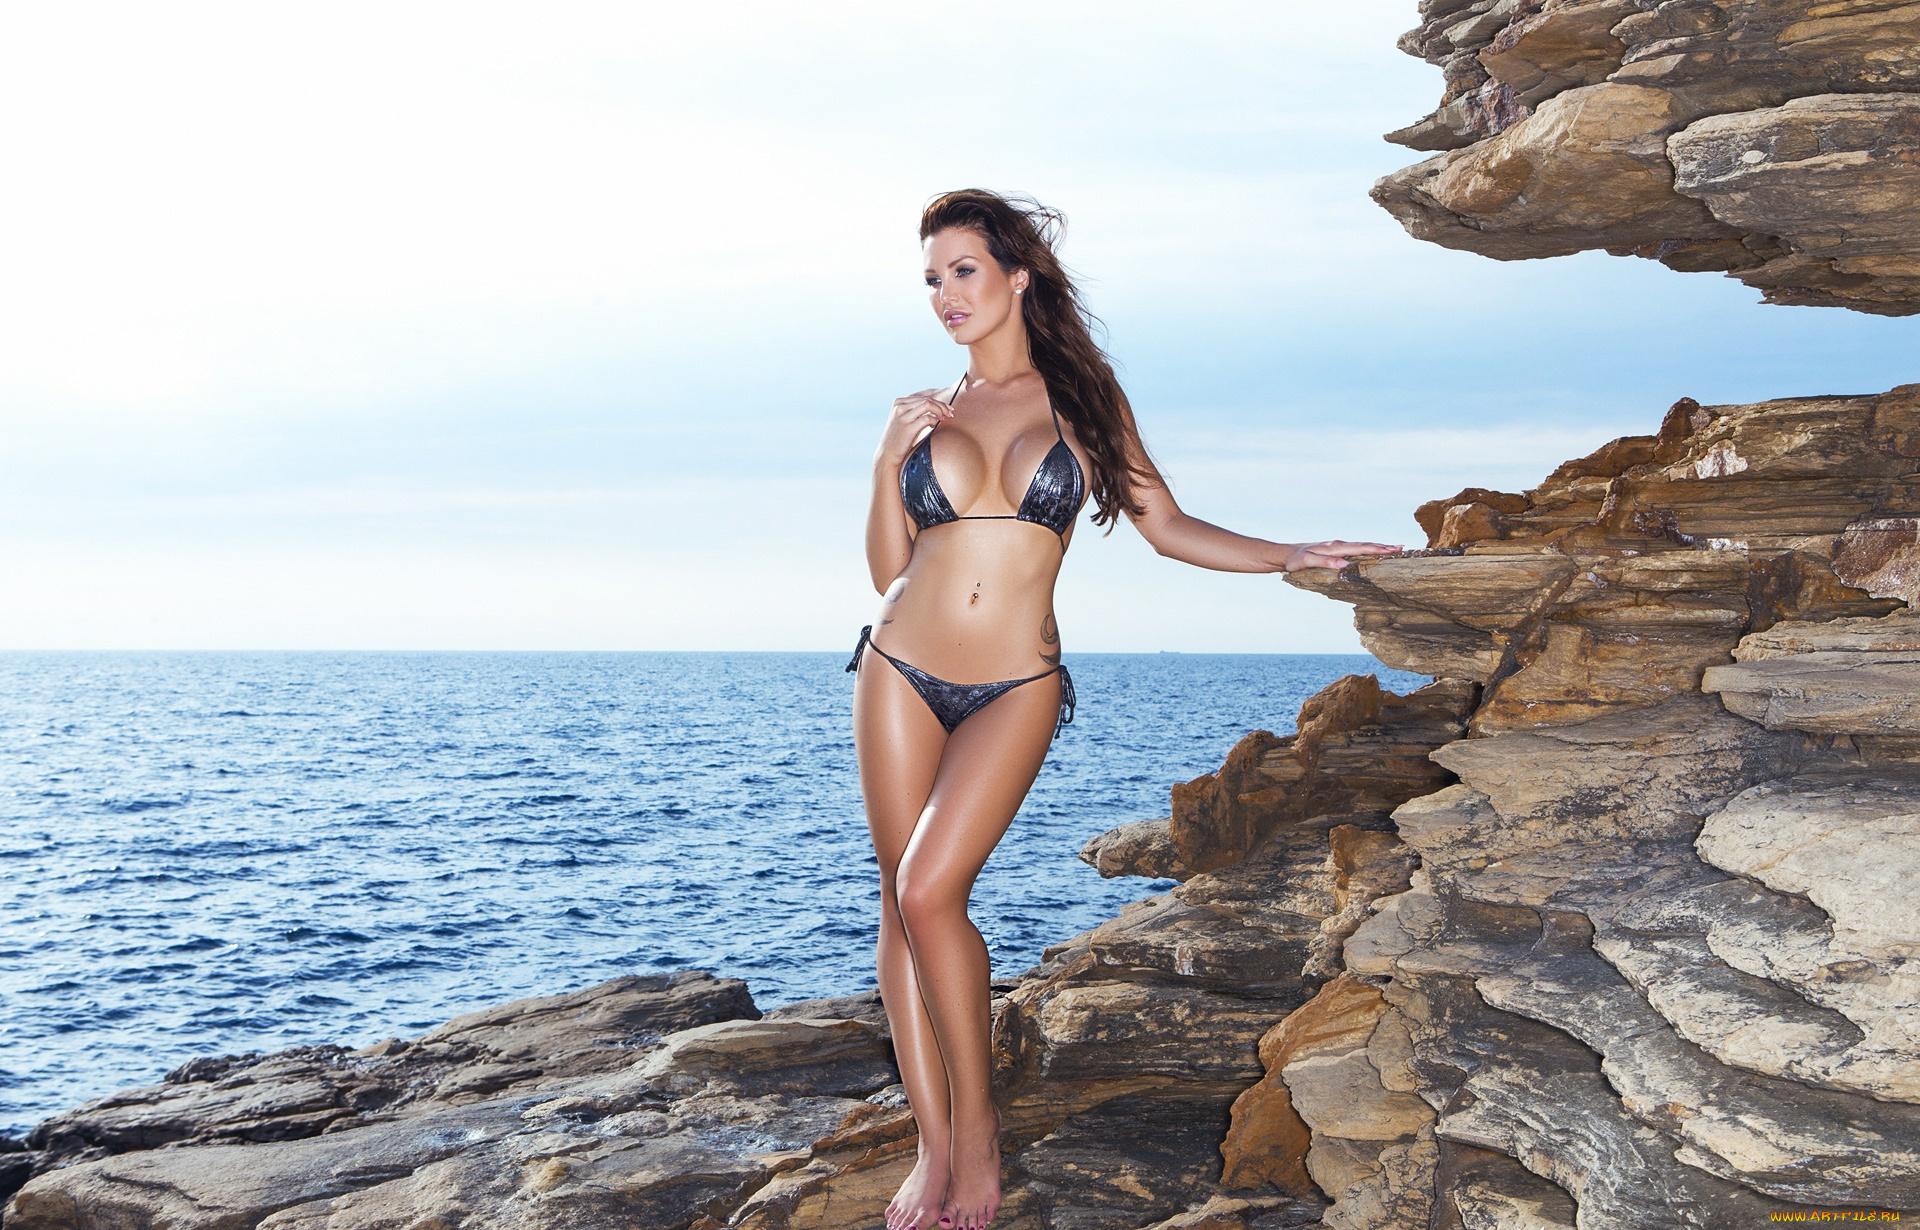 Janine turner northern exposure nude